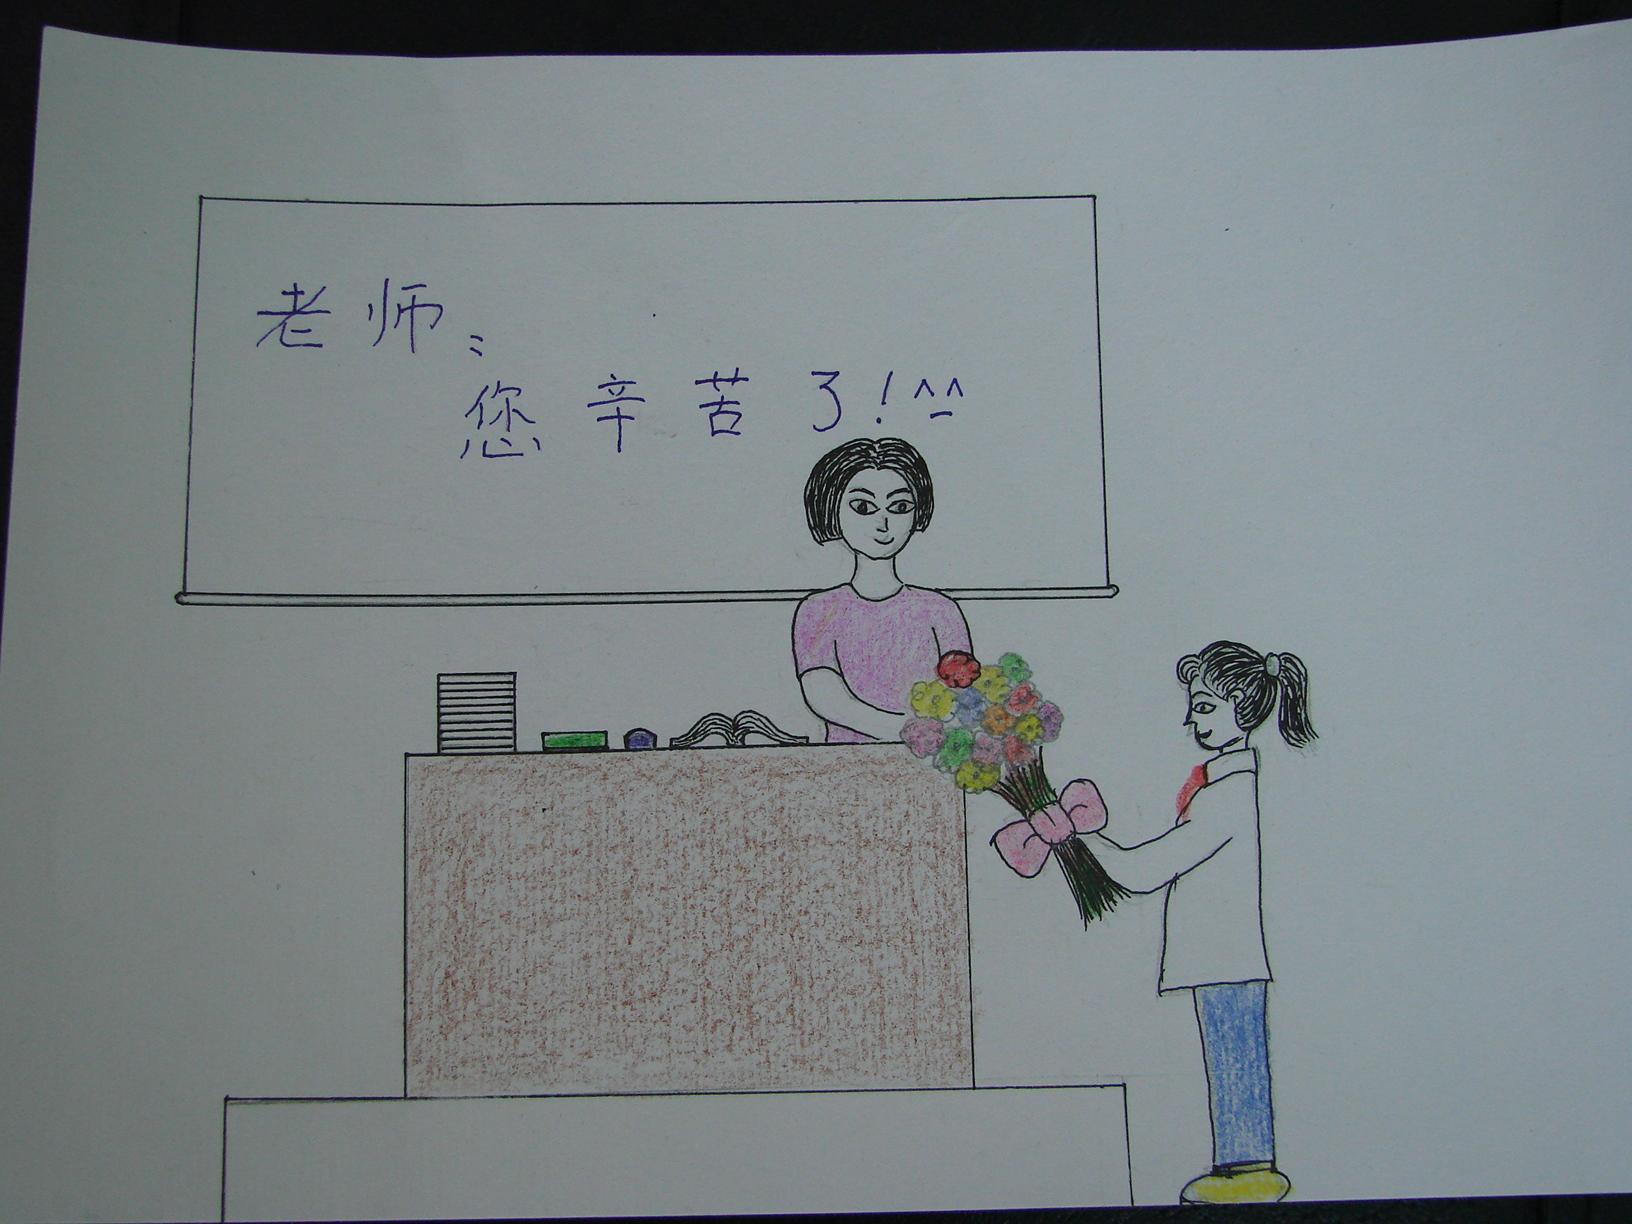 08教师节专题:我爱我的好老师——老师的画像10;; 6.